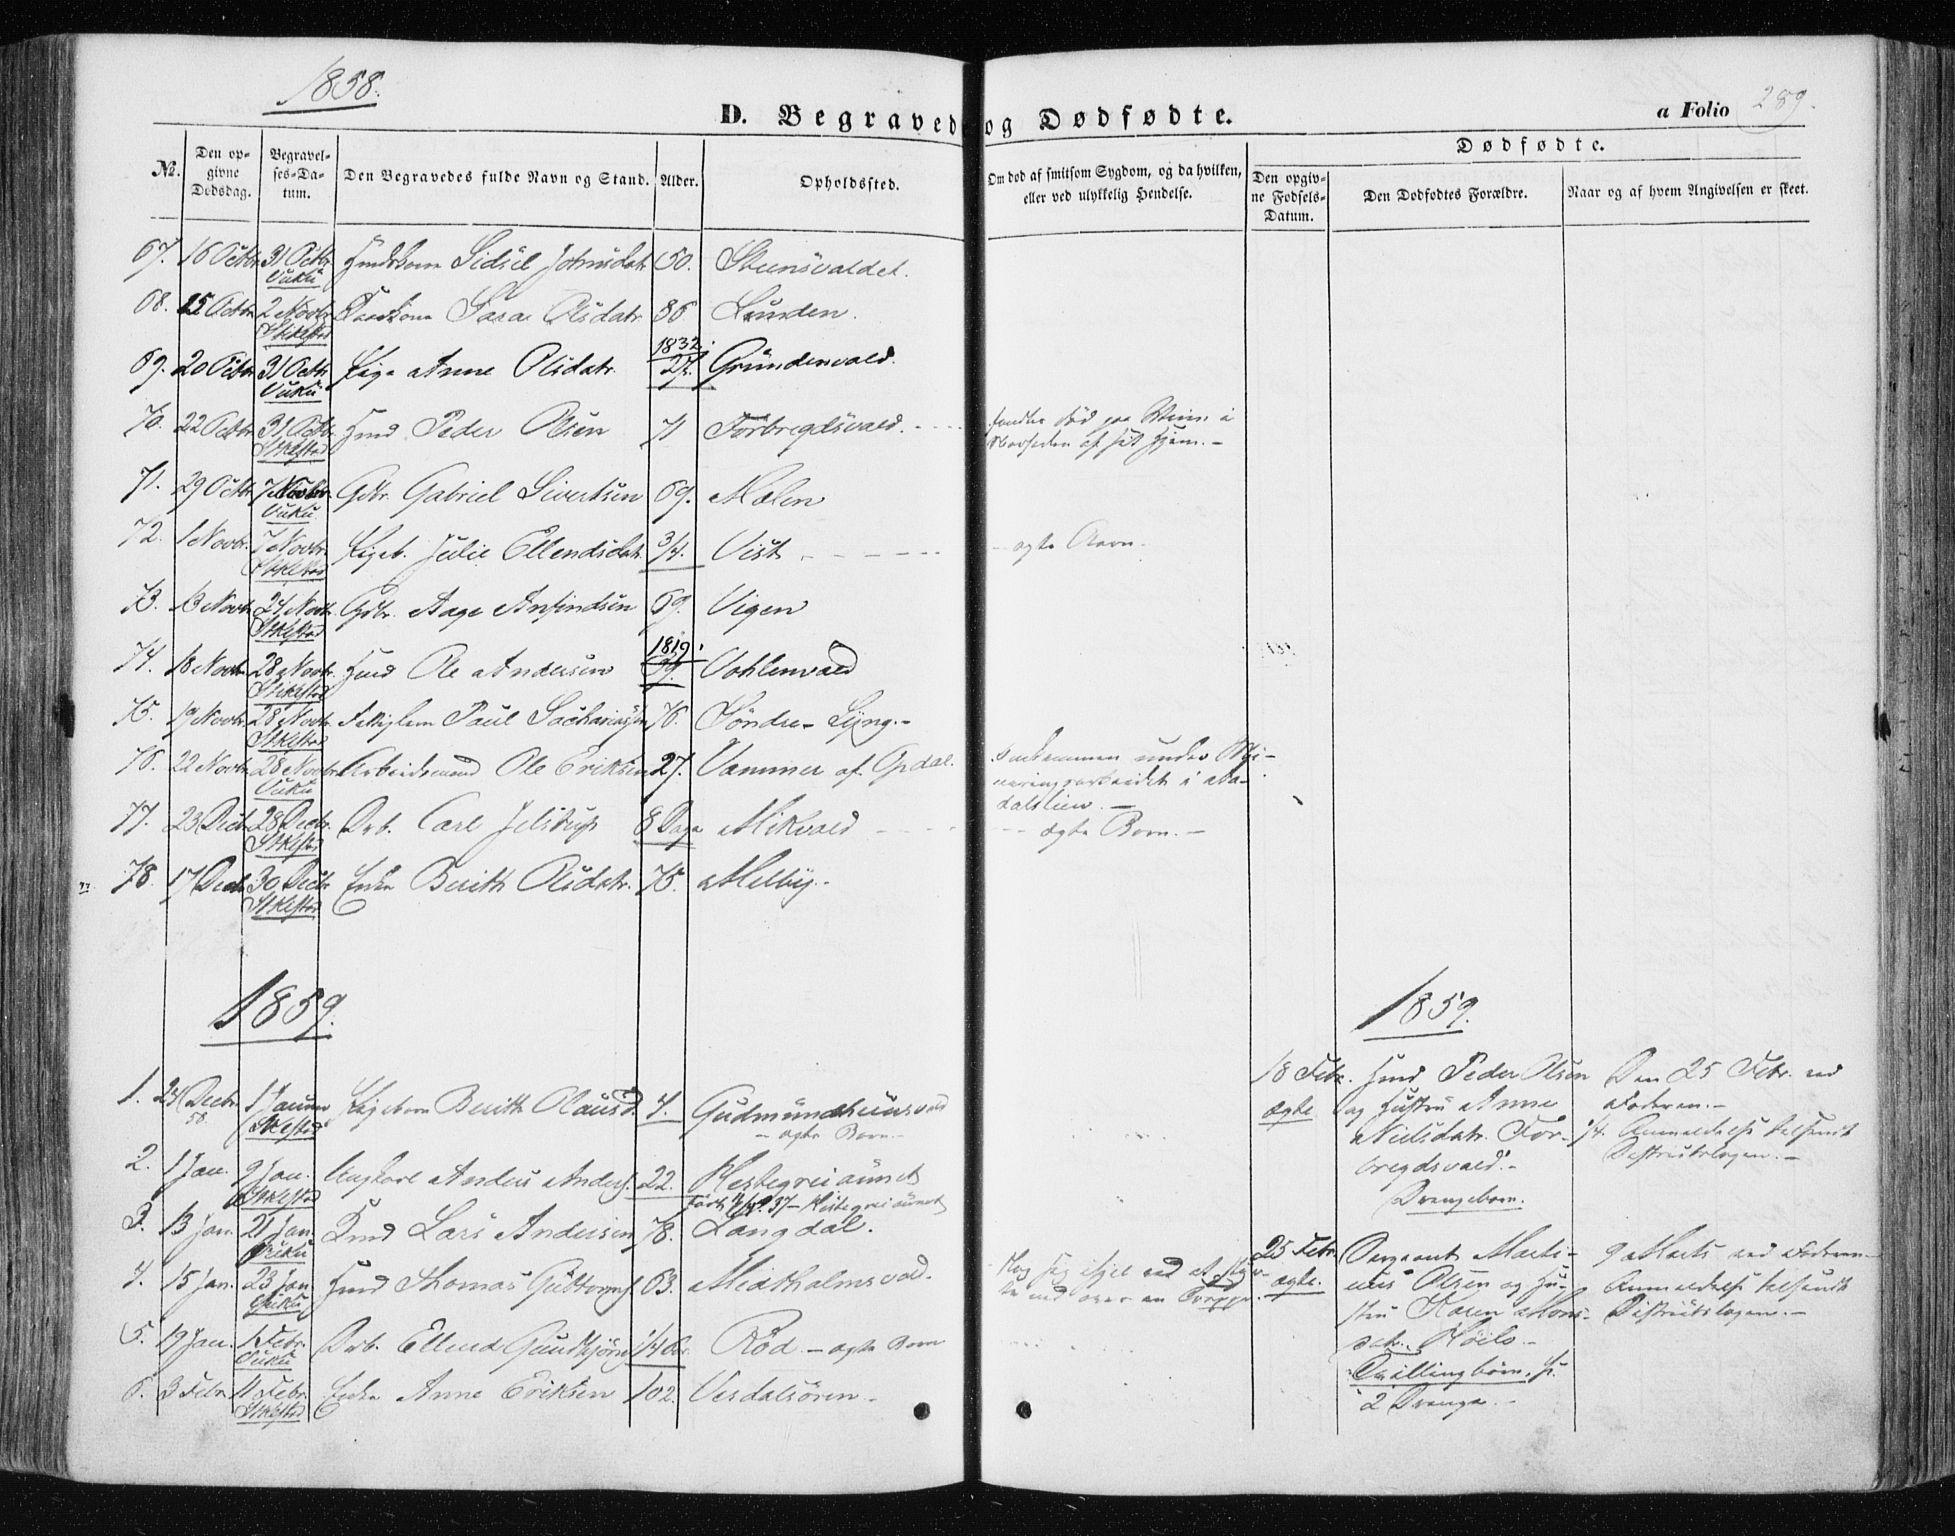 SAT, Ministerialprotokoller, klokkerbøker og fødselsregistre - Nord-Trøndelag, 723/L0240: Ministerialbok nr. 723A09, 1852-1860, s. 289